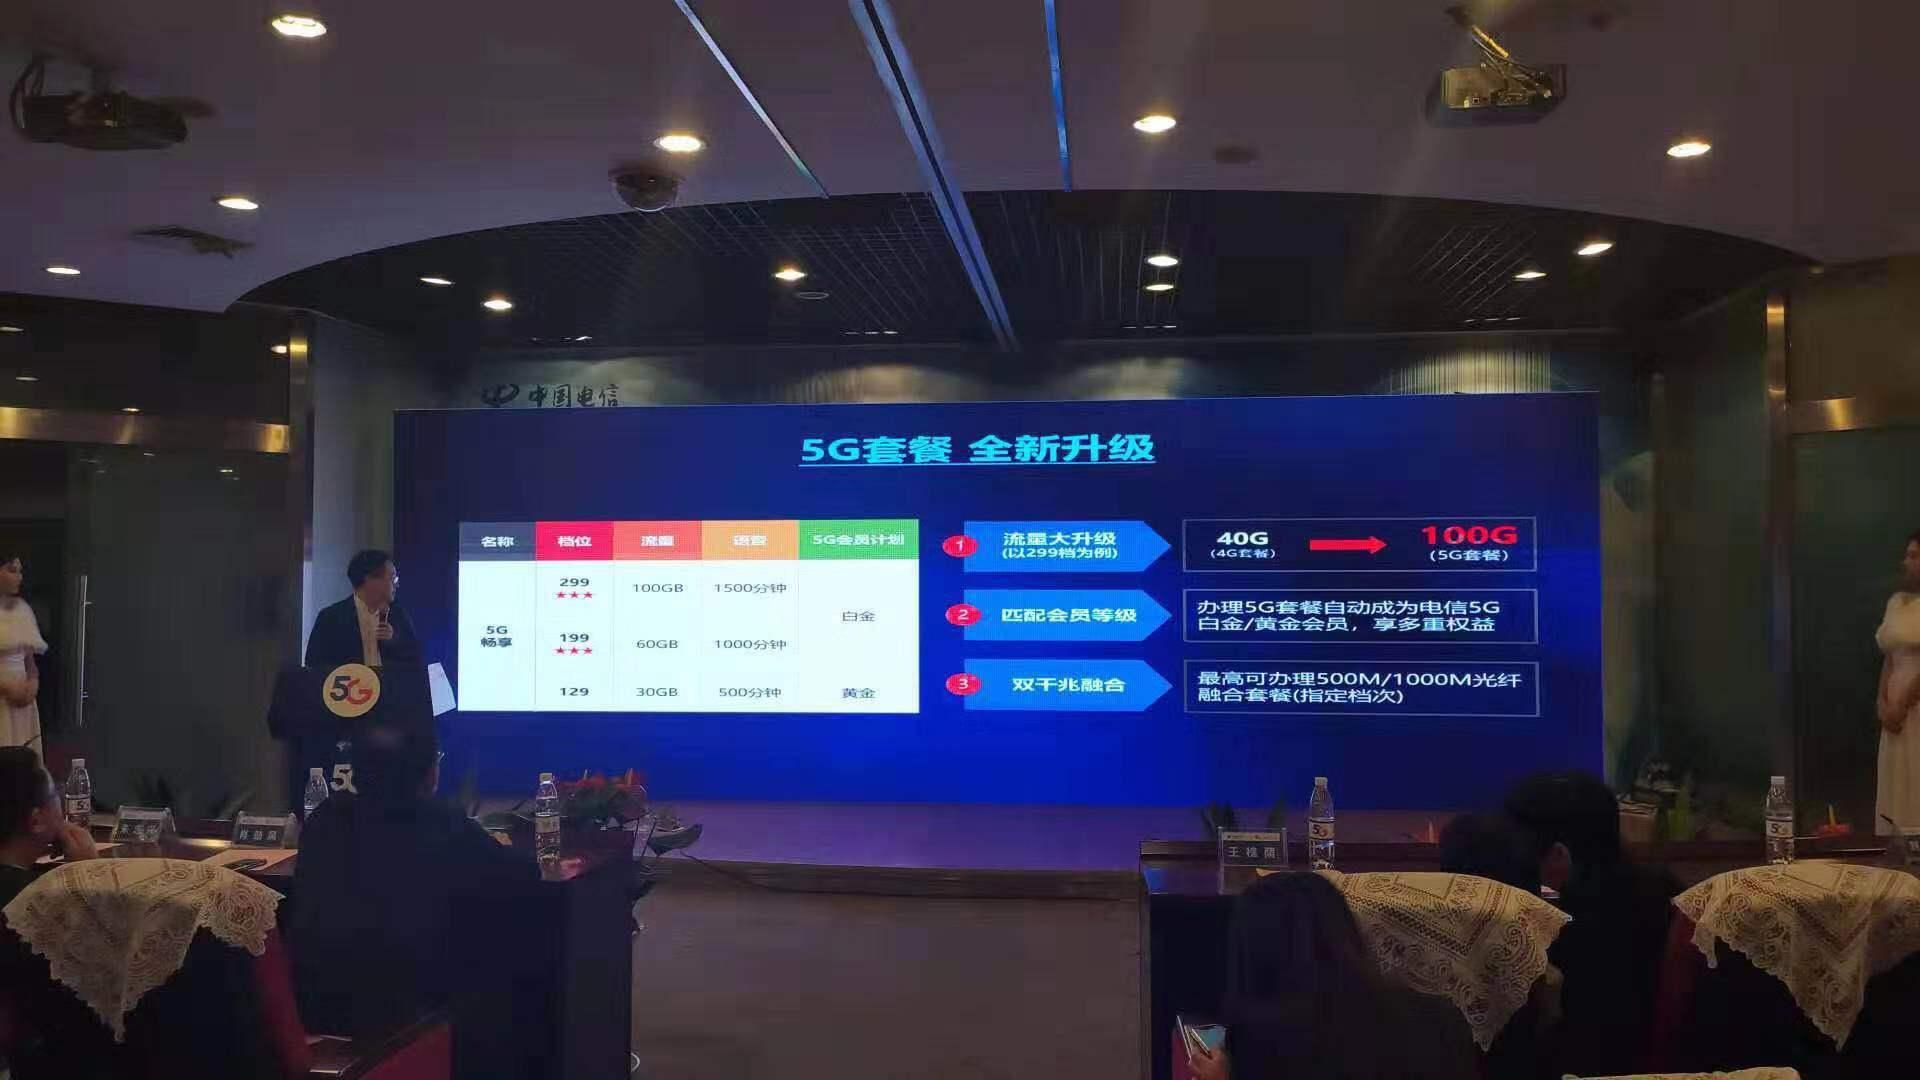 长沙、株洲被列入首批5G商用城市,资费套餐最低128元起